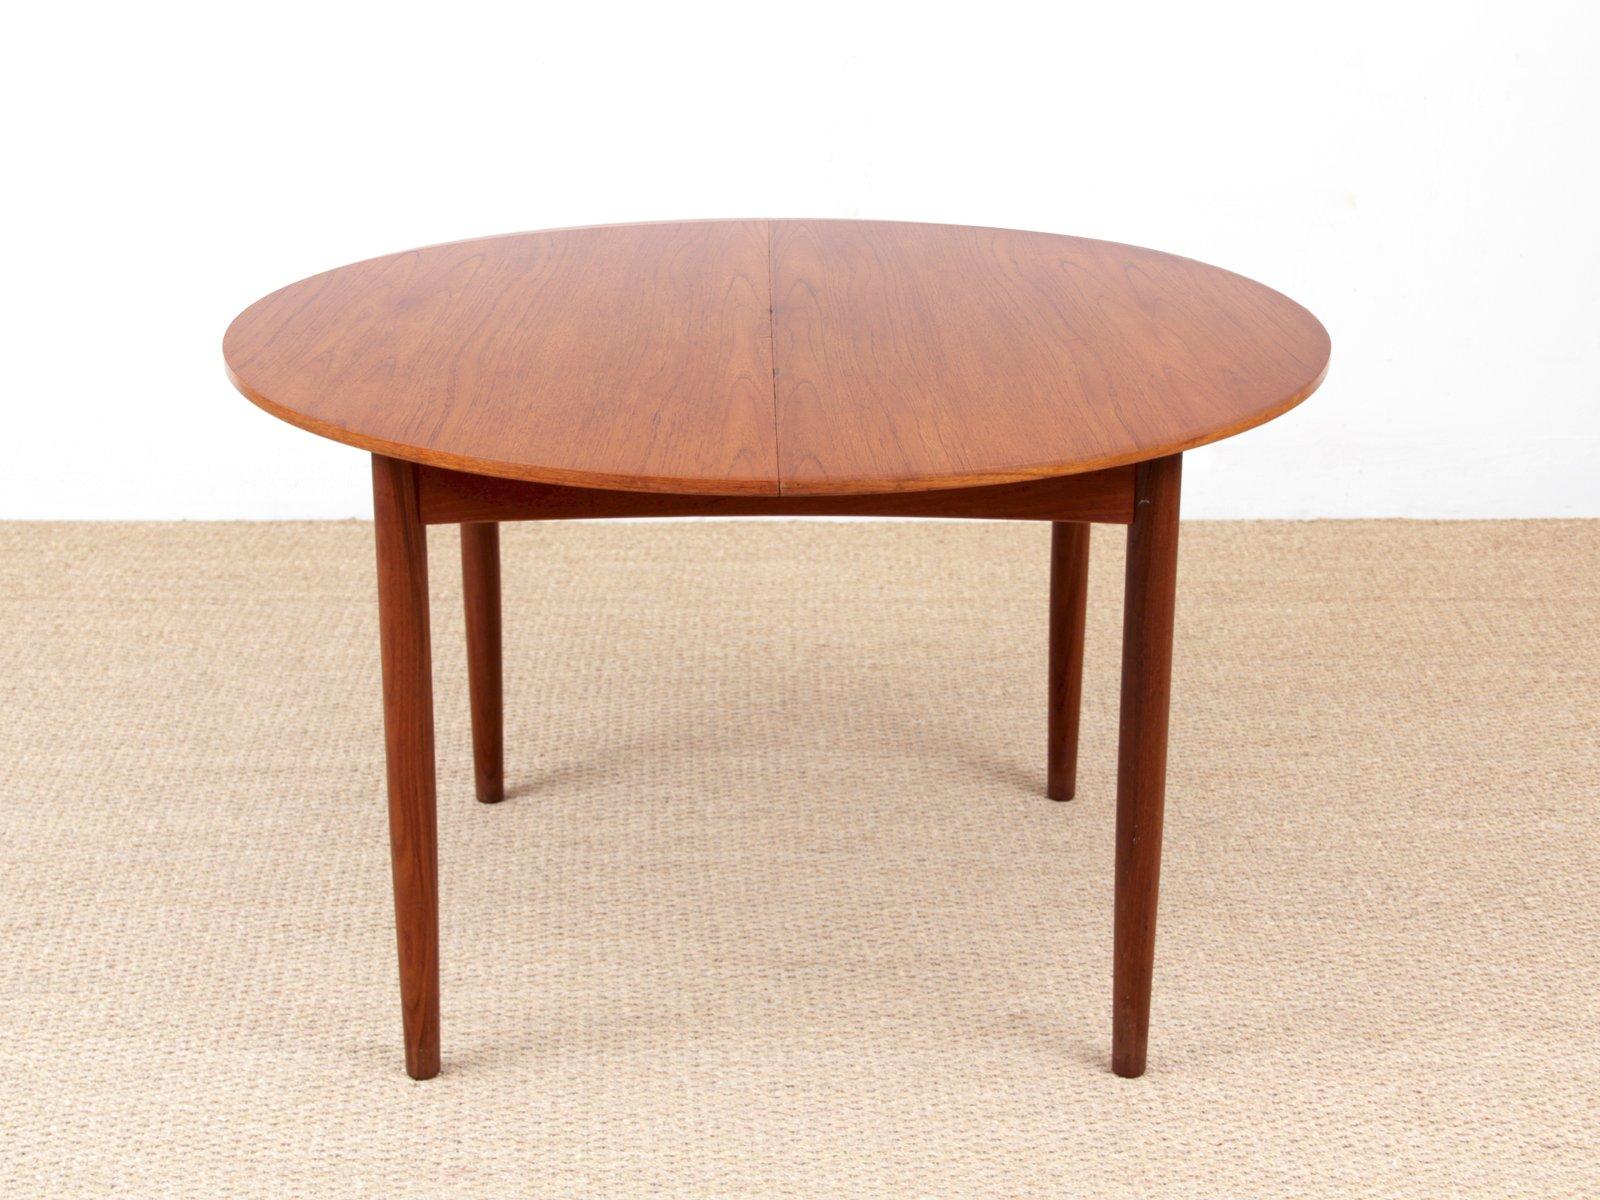 Mesa de comedor vintage circular de teca de Brande Møbelindustri en ...